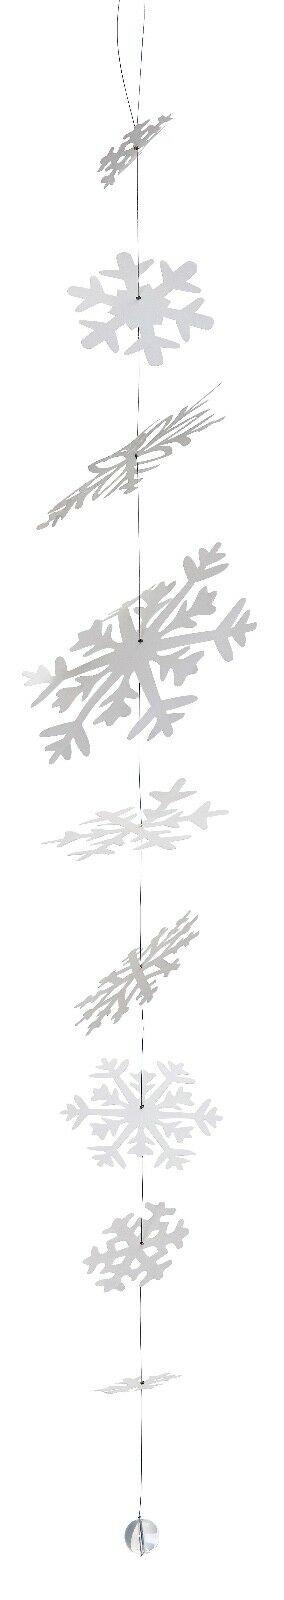 Guirlande Flocons Neige papier bille de verre